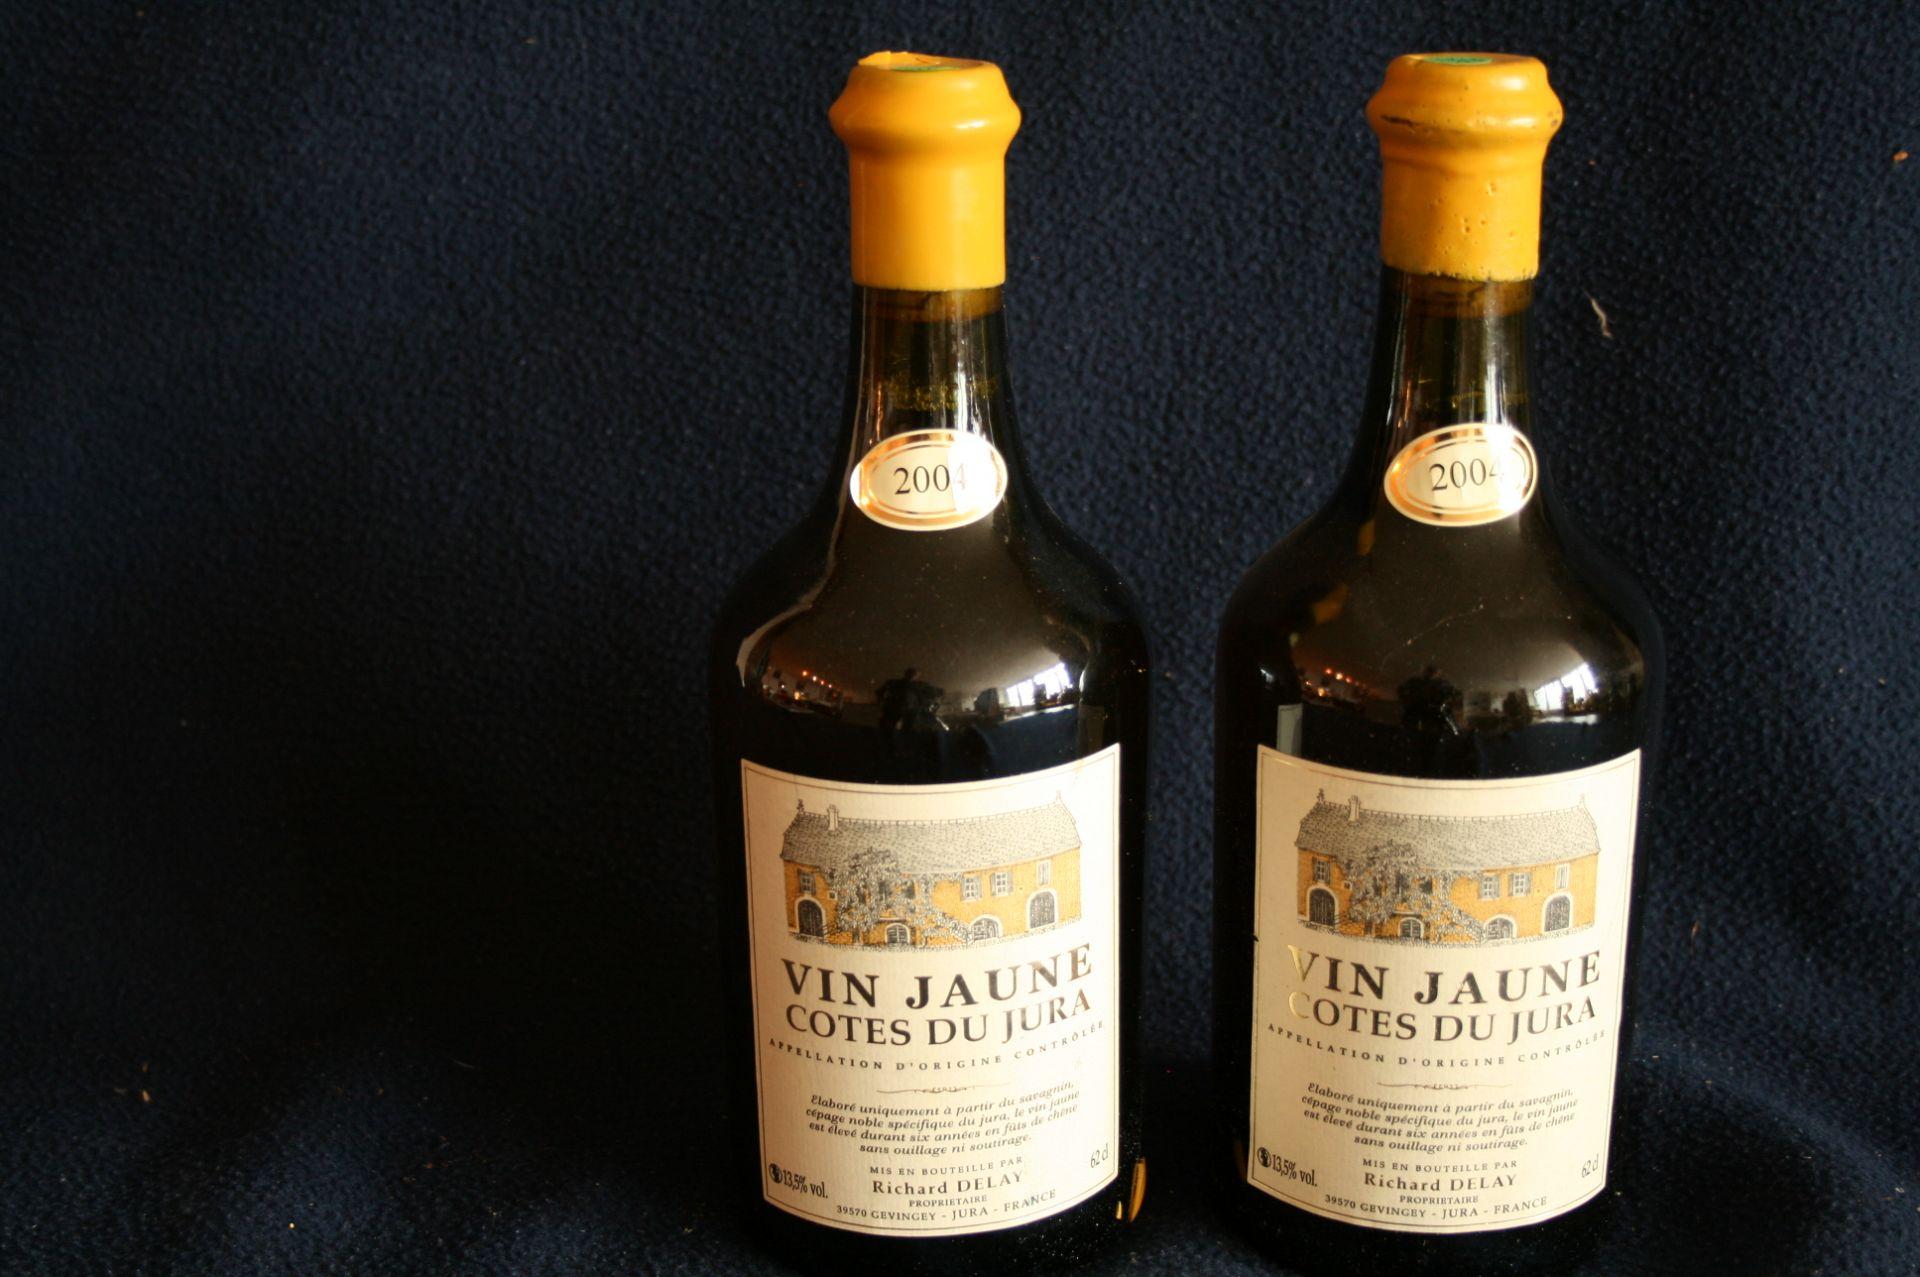 Los 29 - 2 bouteilles de Vin Jaune, Côtes du Jura, Domaine Richard DELAY, 2004 - 2 bottles of [...]